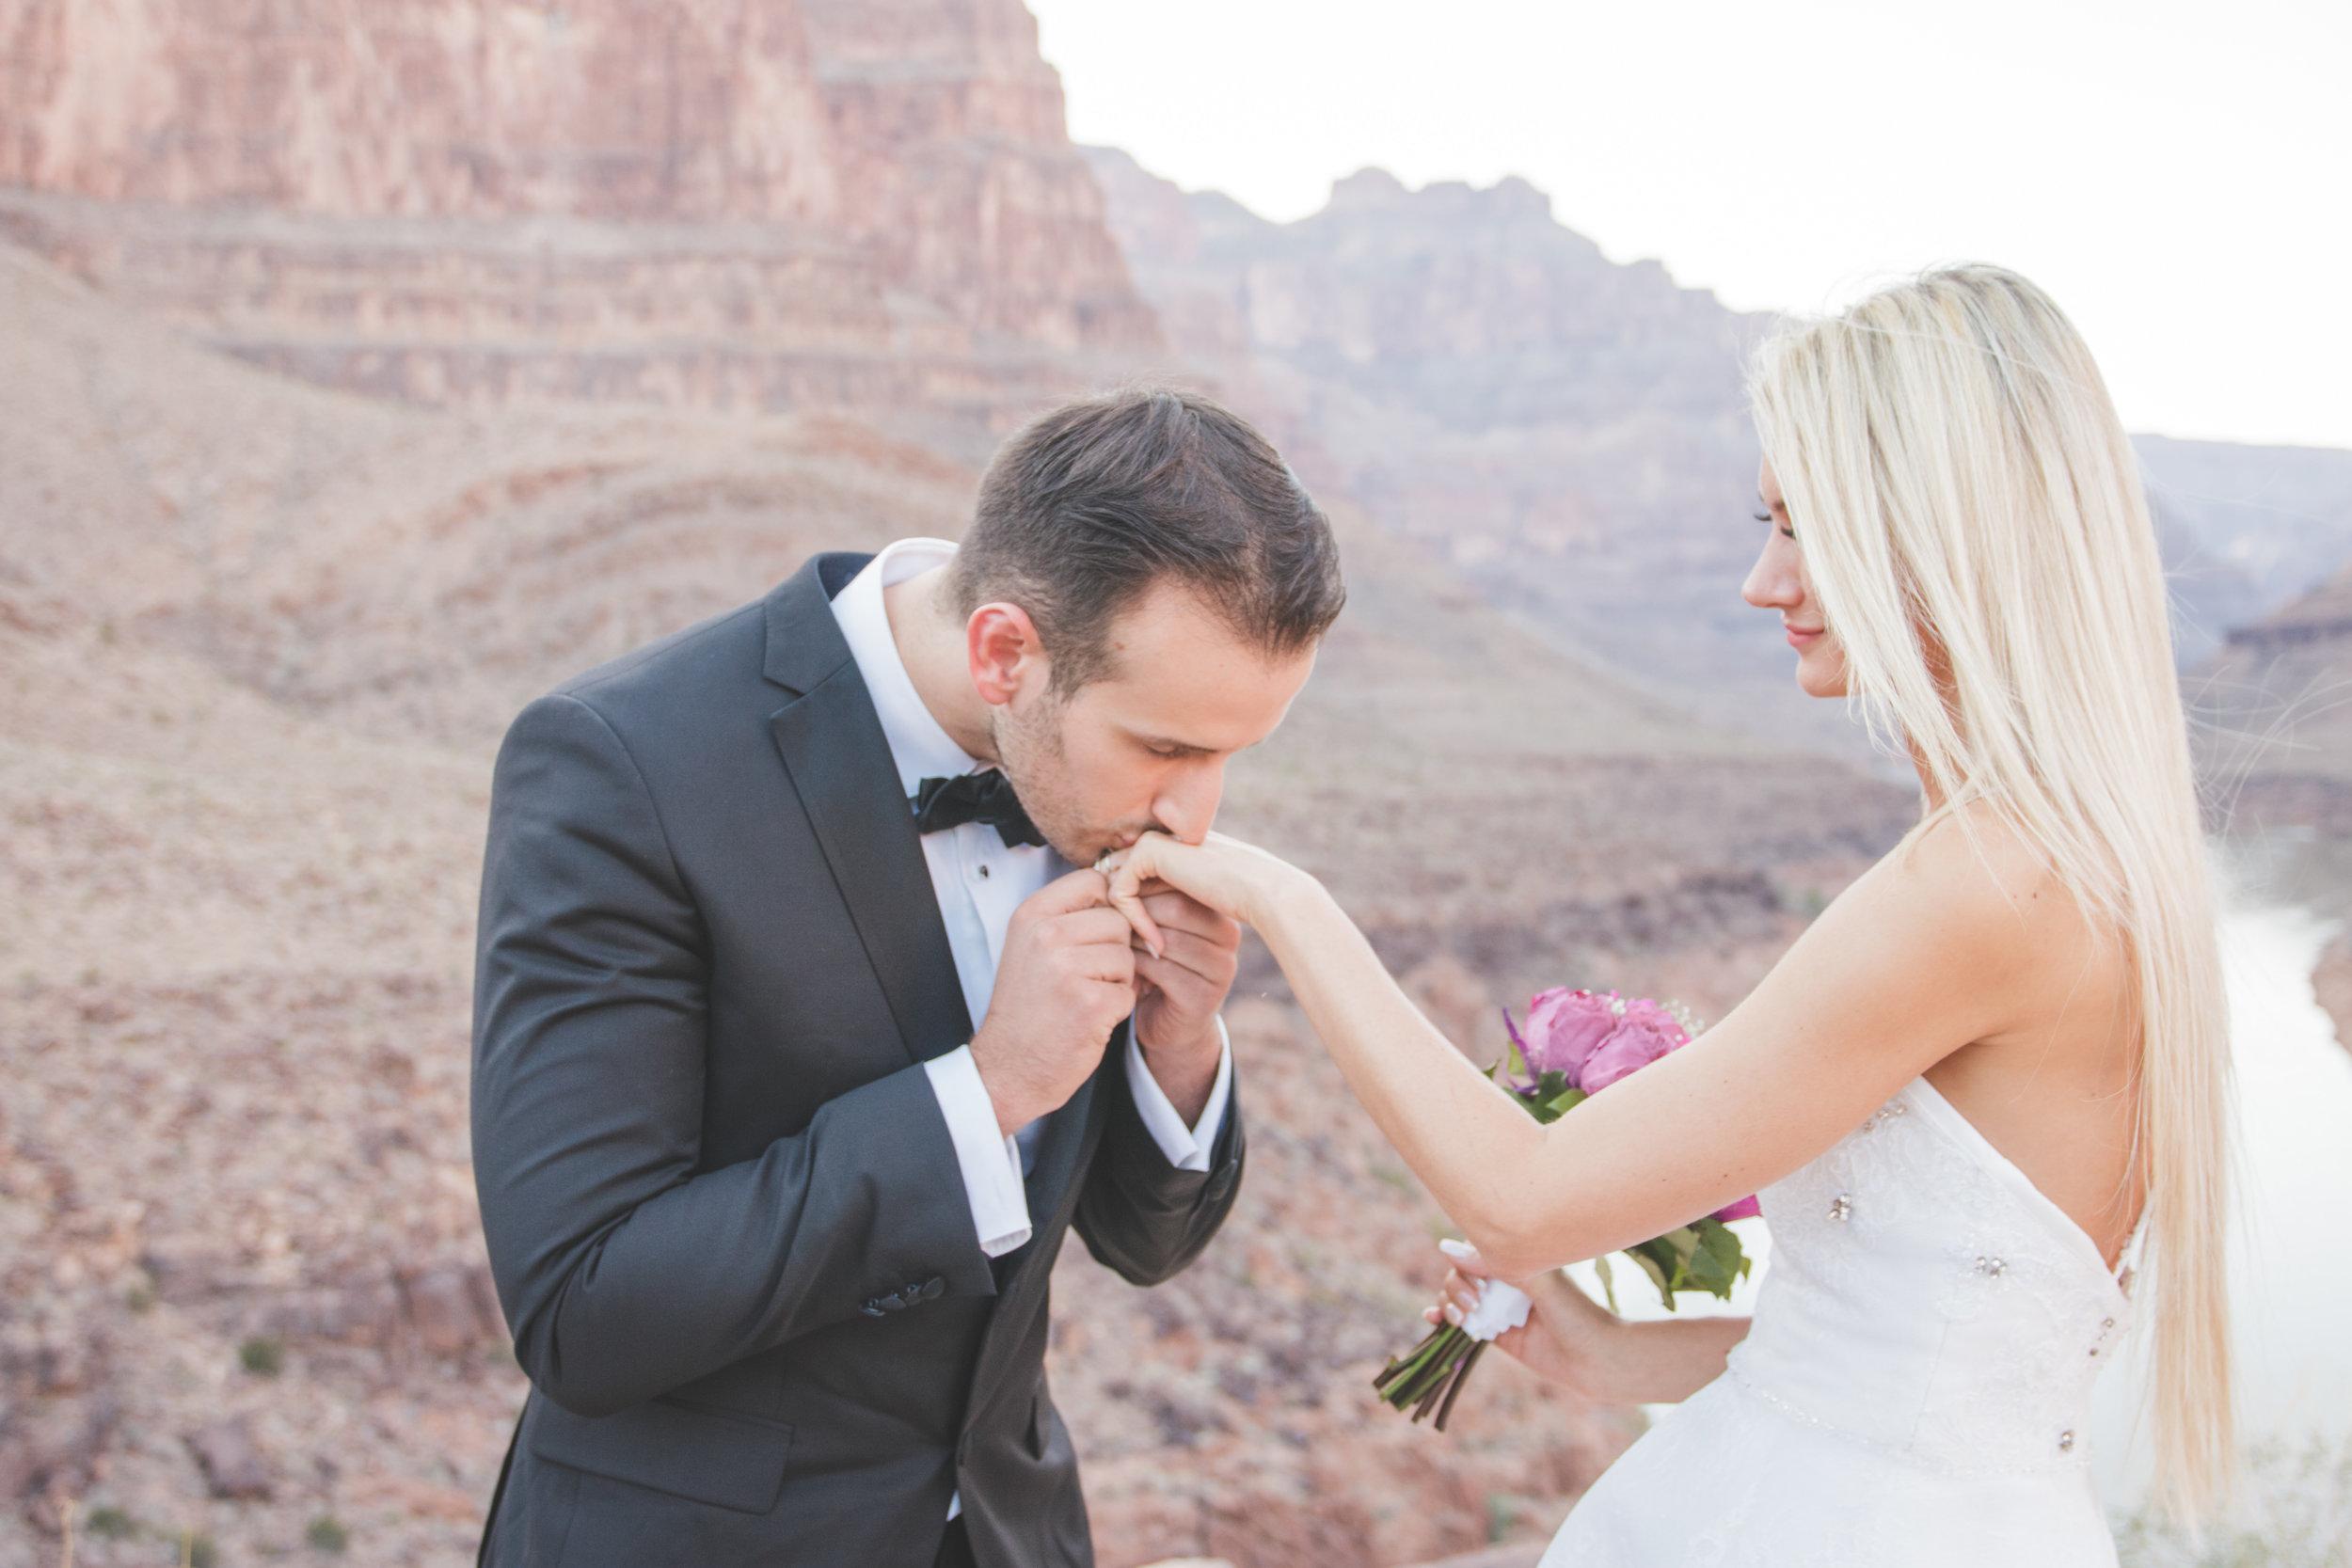 Grand Canyon Destination Ceremony